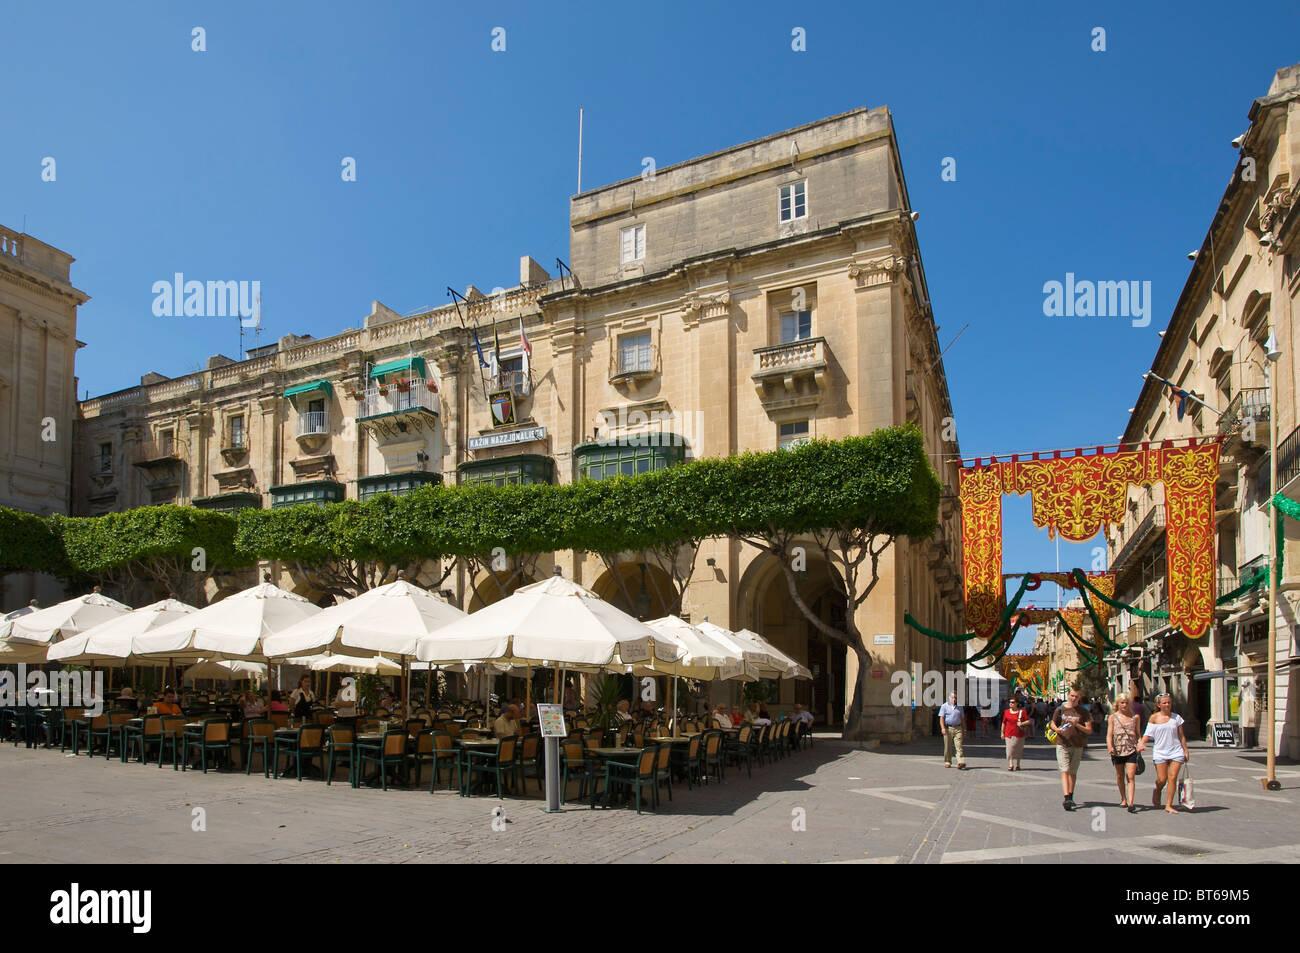 Street Cafe in Valletta, Malta - Stock Image